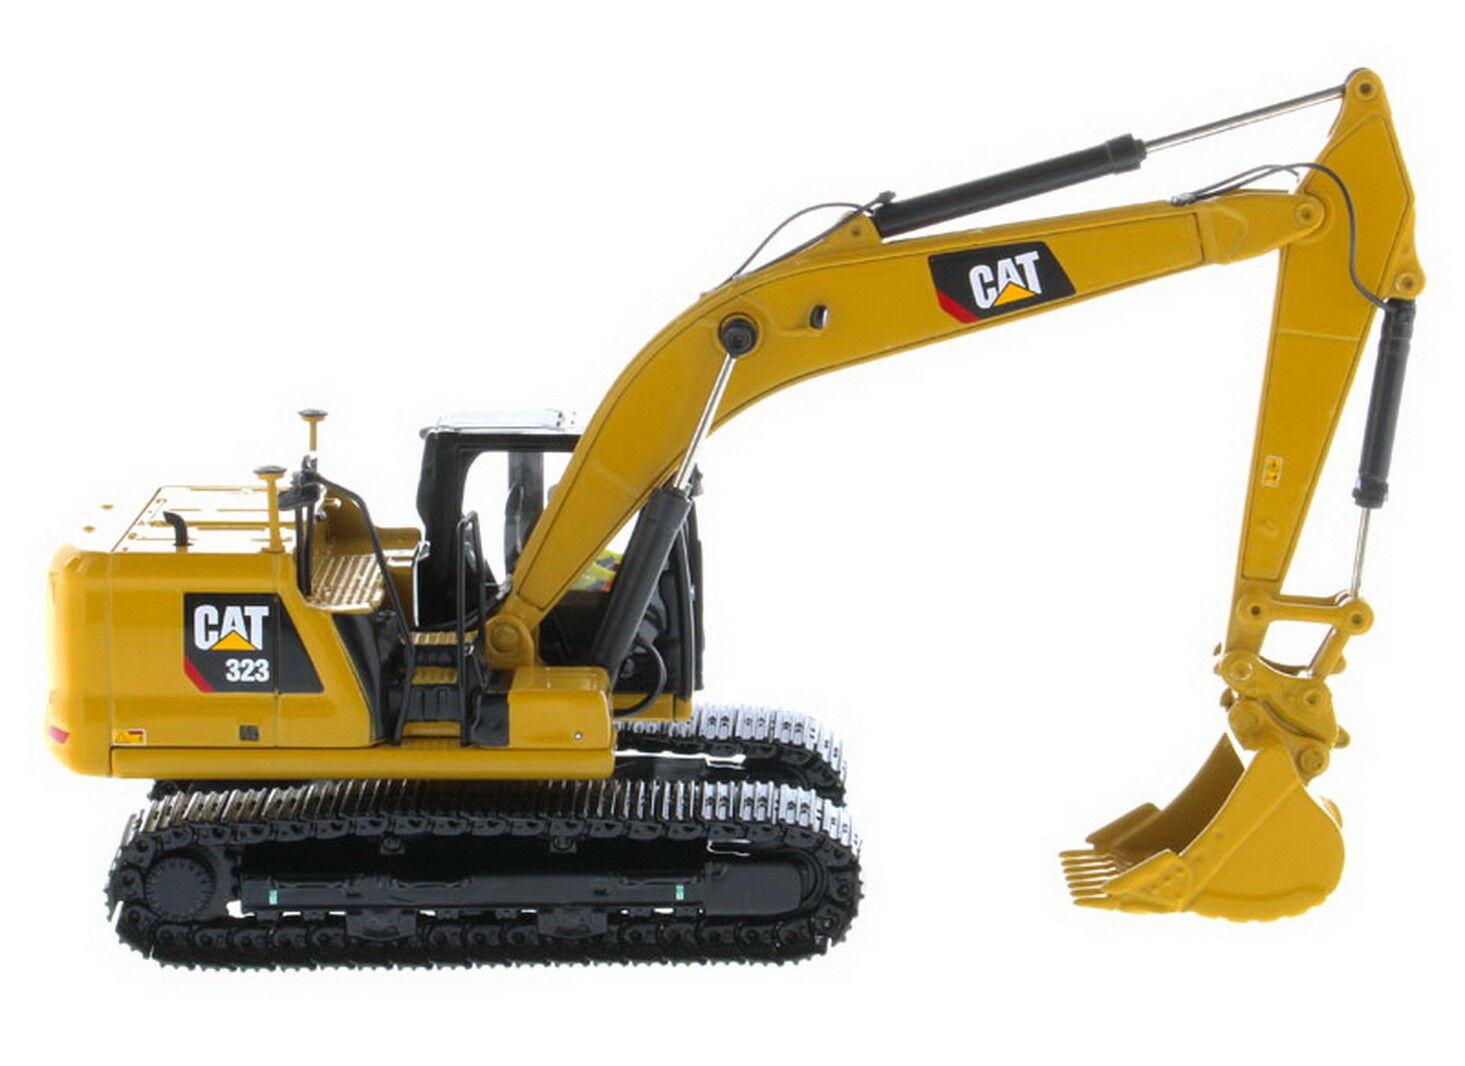 1 50 DM Caterpillar Cat 323 Hydraulic Excavator Next Generation Generation Generation Models 8850f7